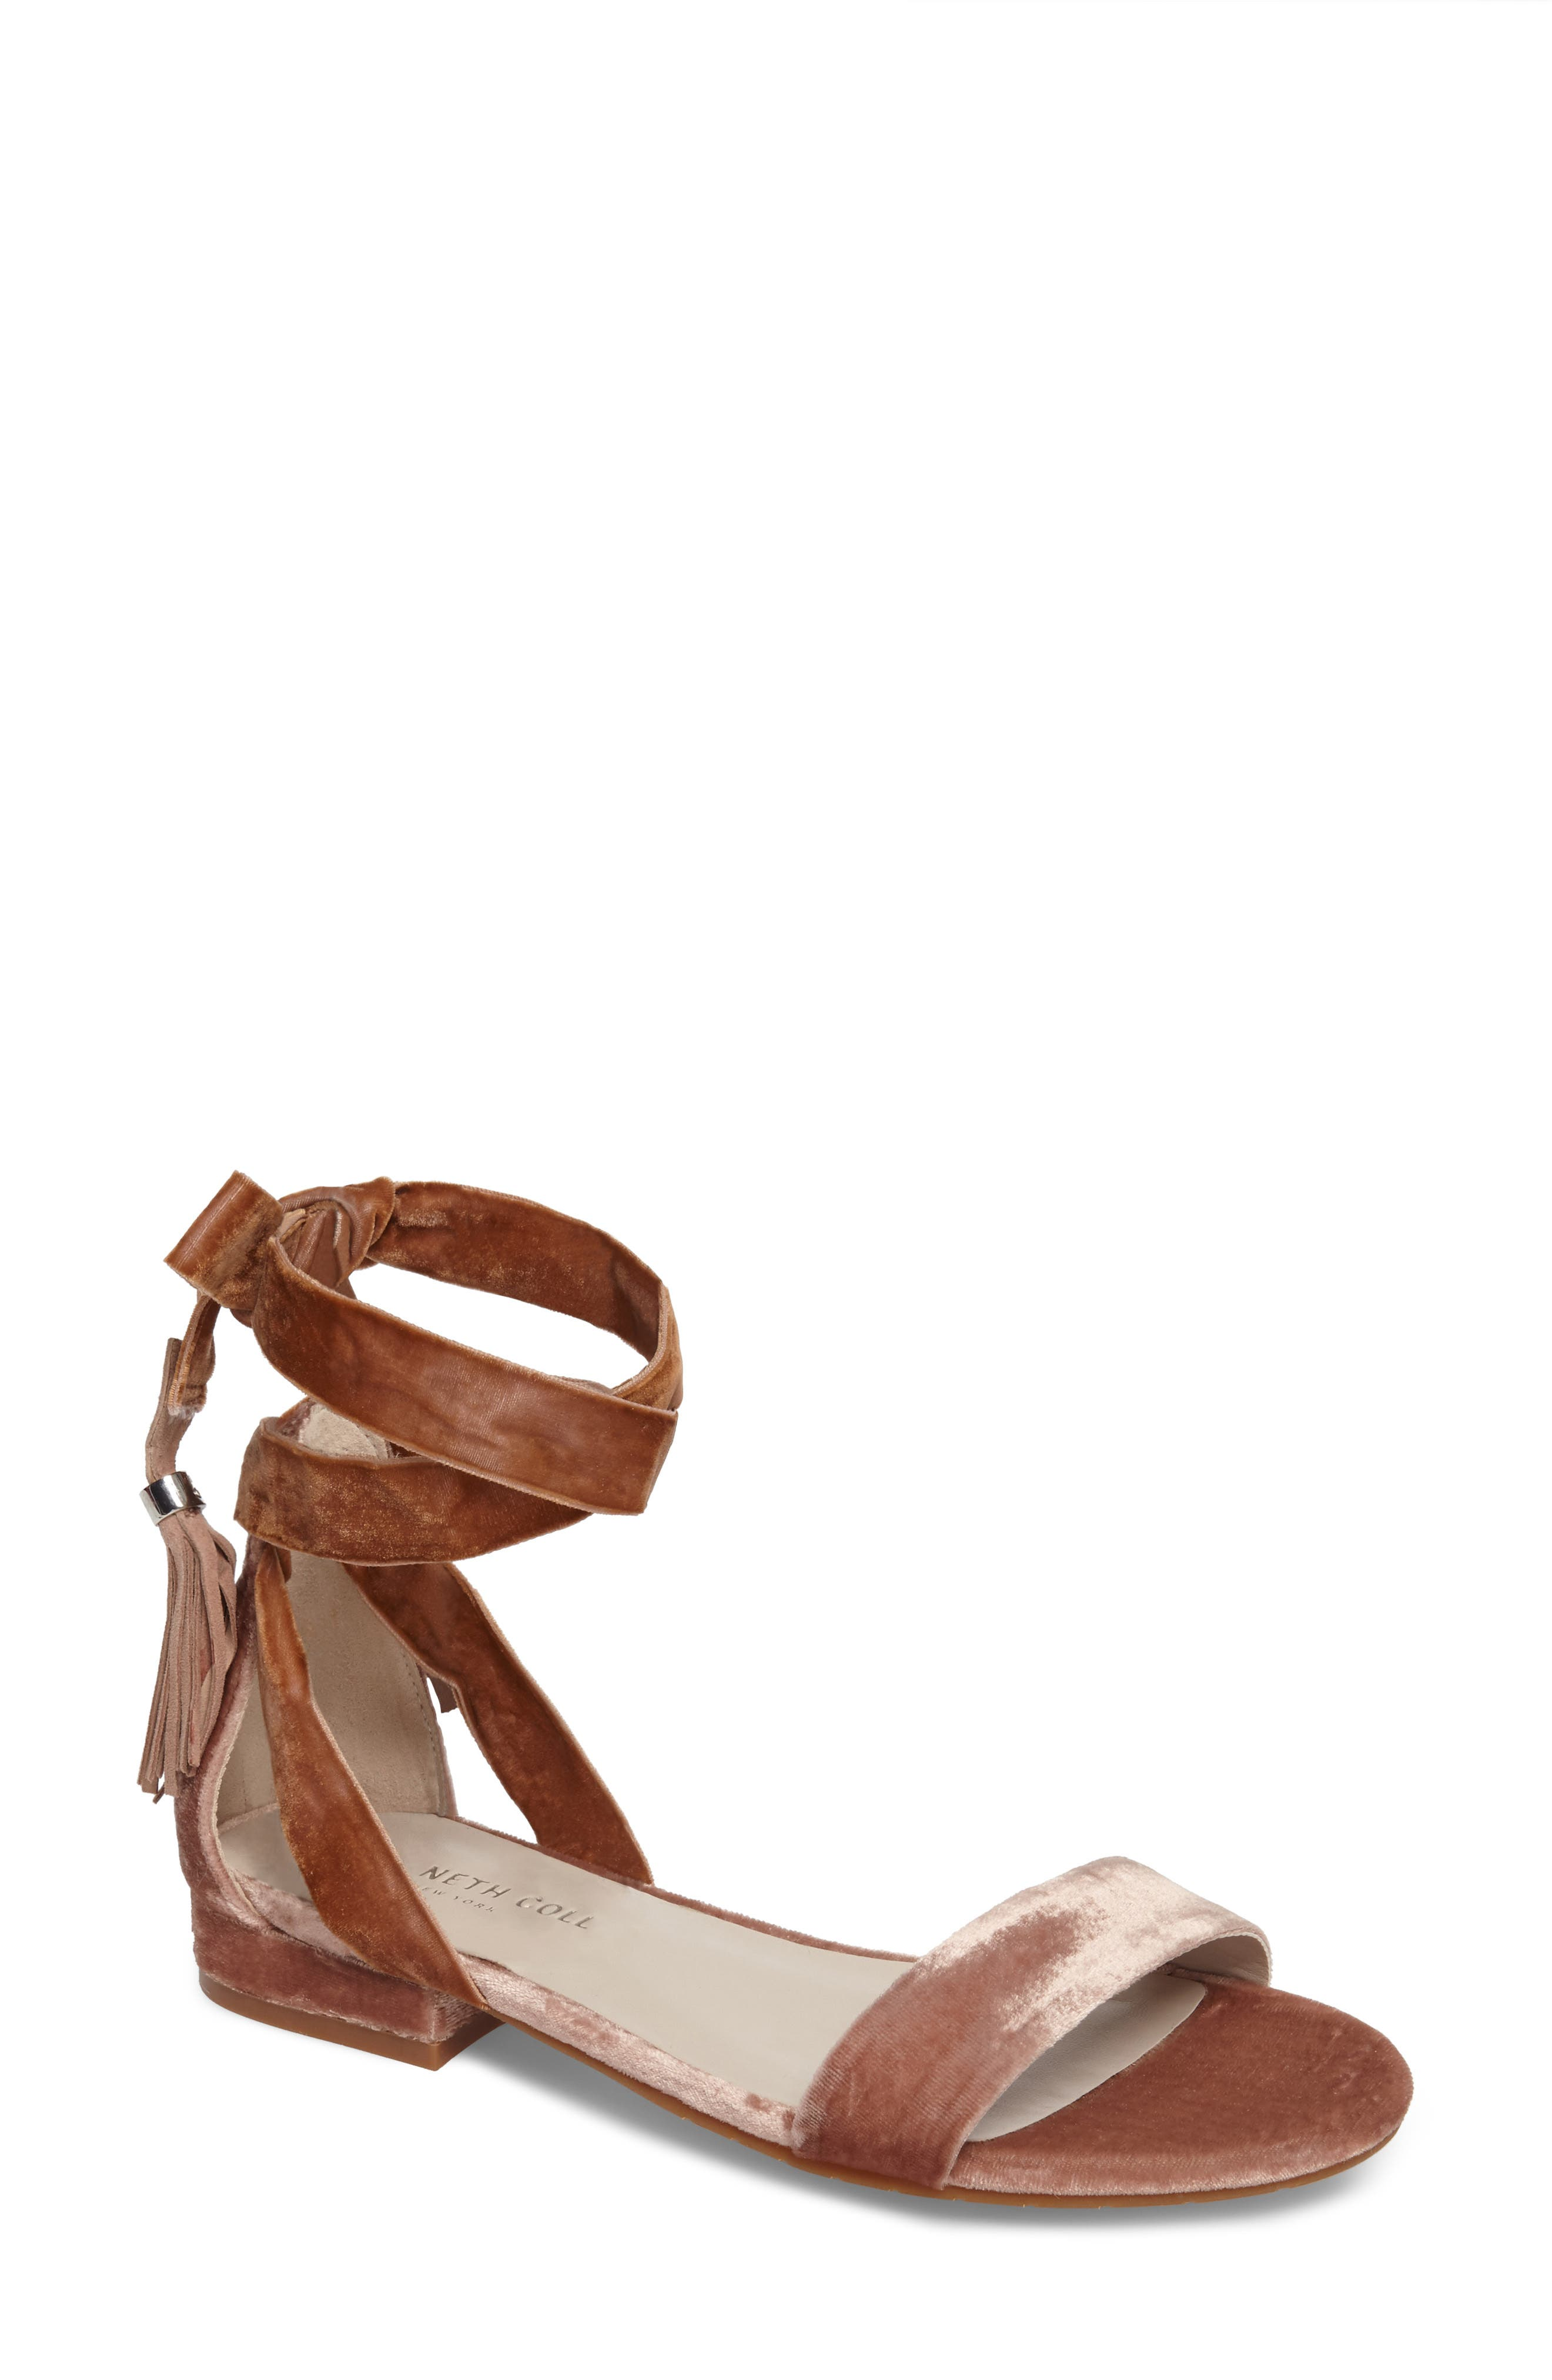 Valen Tassel Lace-Up Sandal,                             Main thumbnail 5, color,